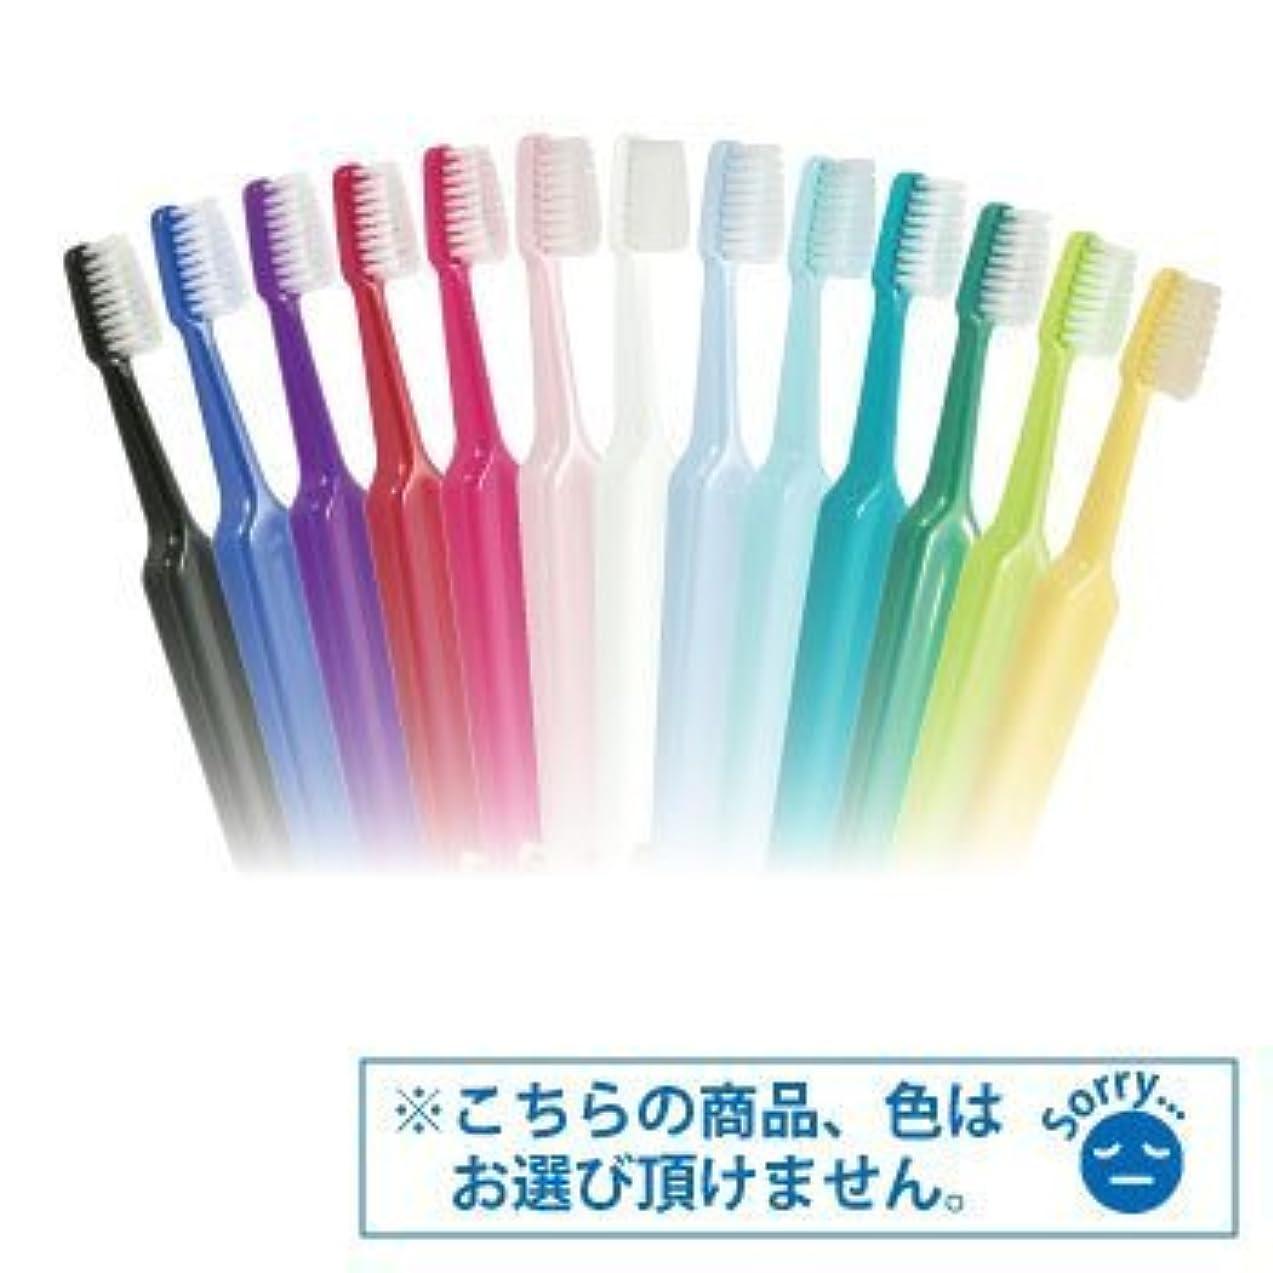 掘るお別れ乙女Tepe歯ブラシ セレクトコンパクト /ソフト 30本入り